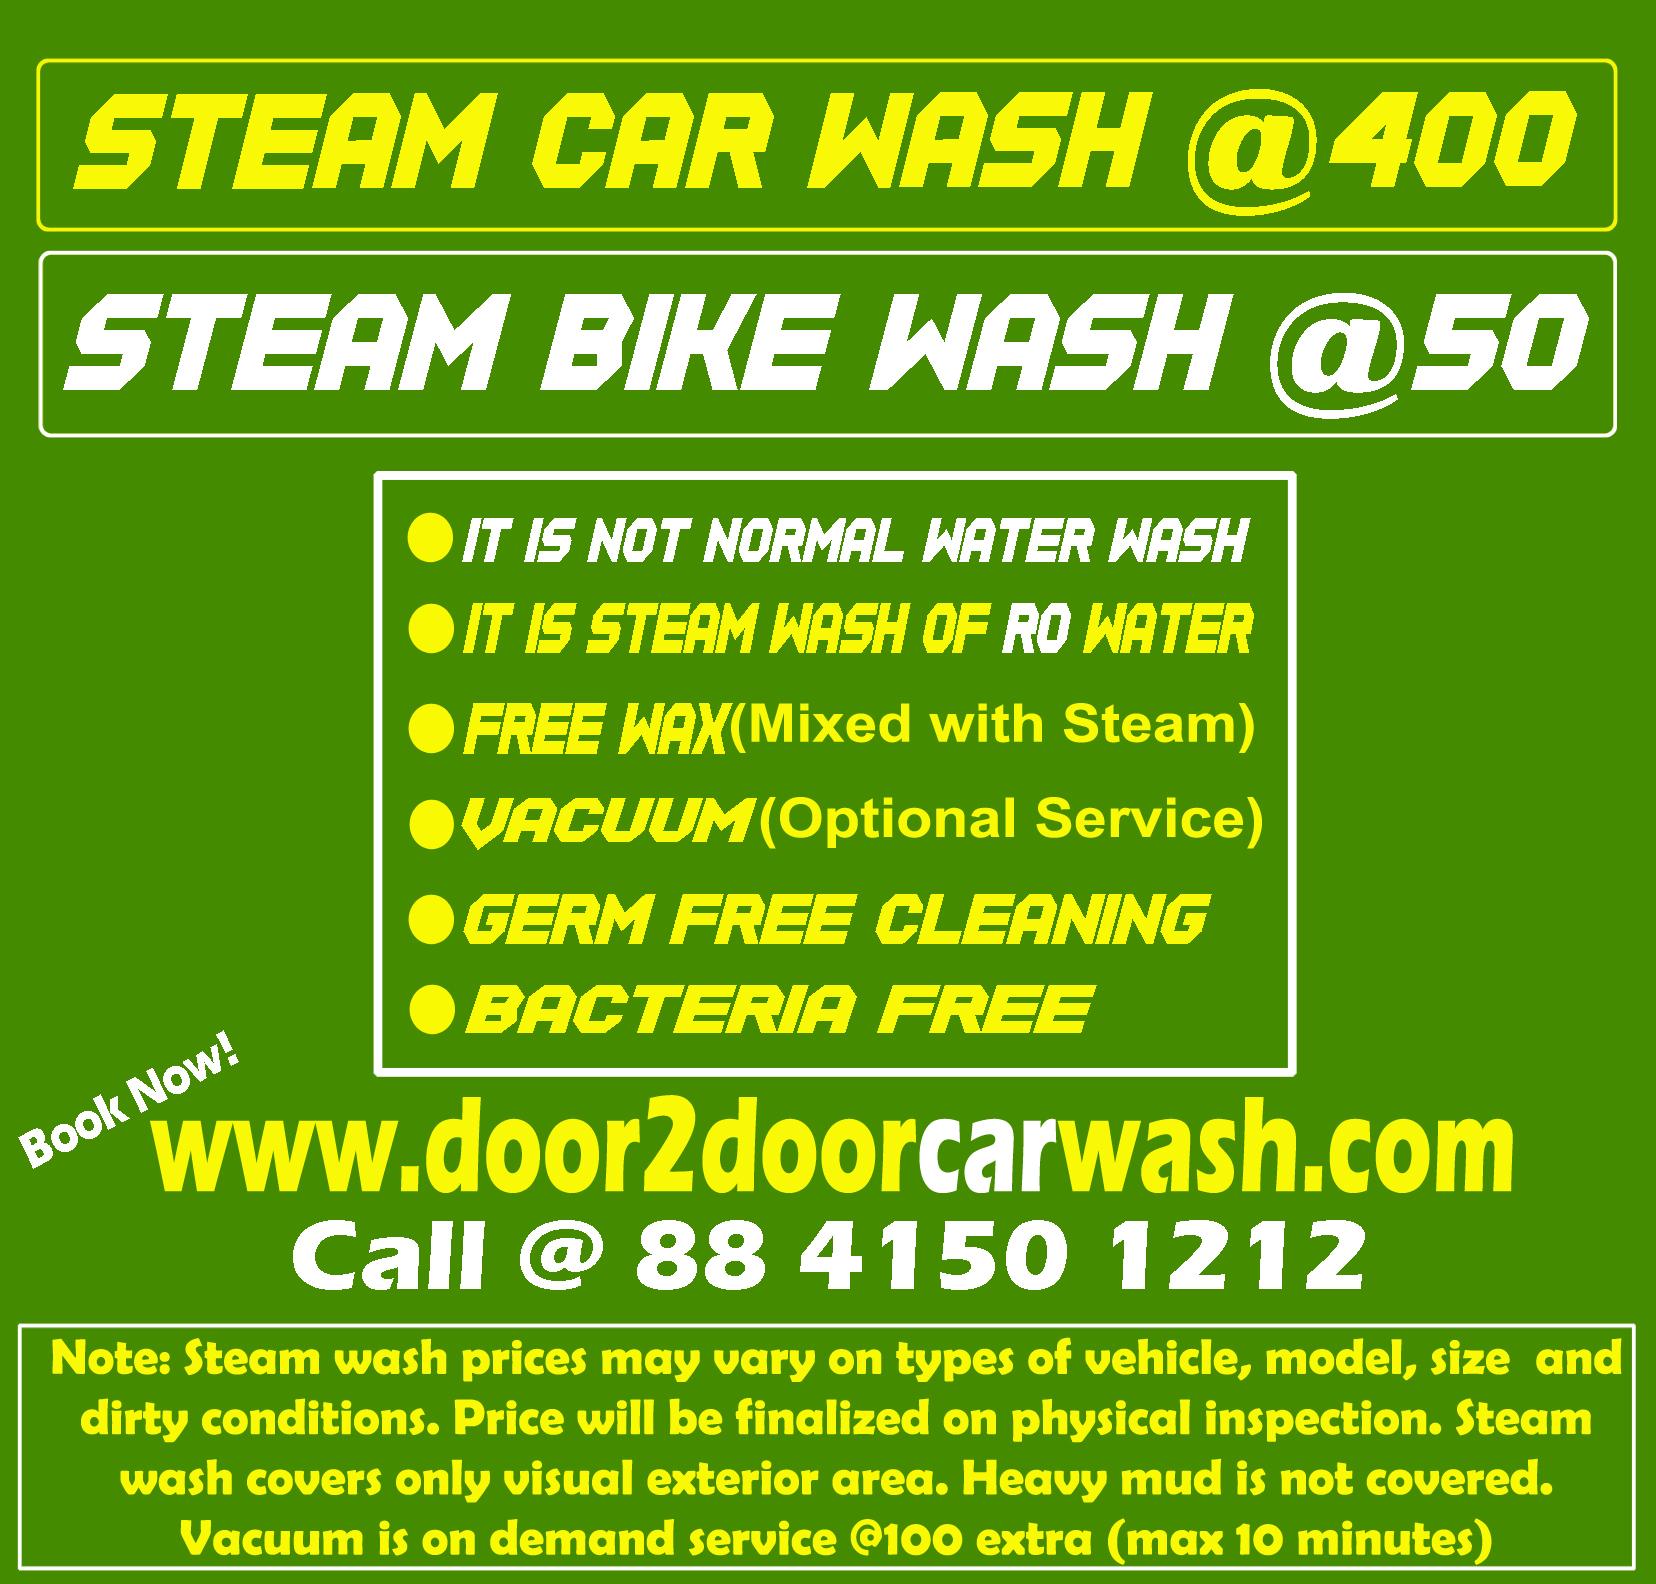 Doorstep Car Wash Services @400  in South Delhi